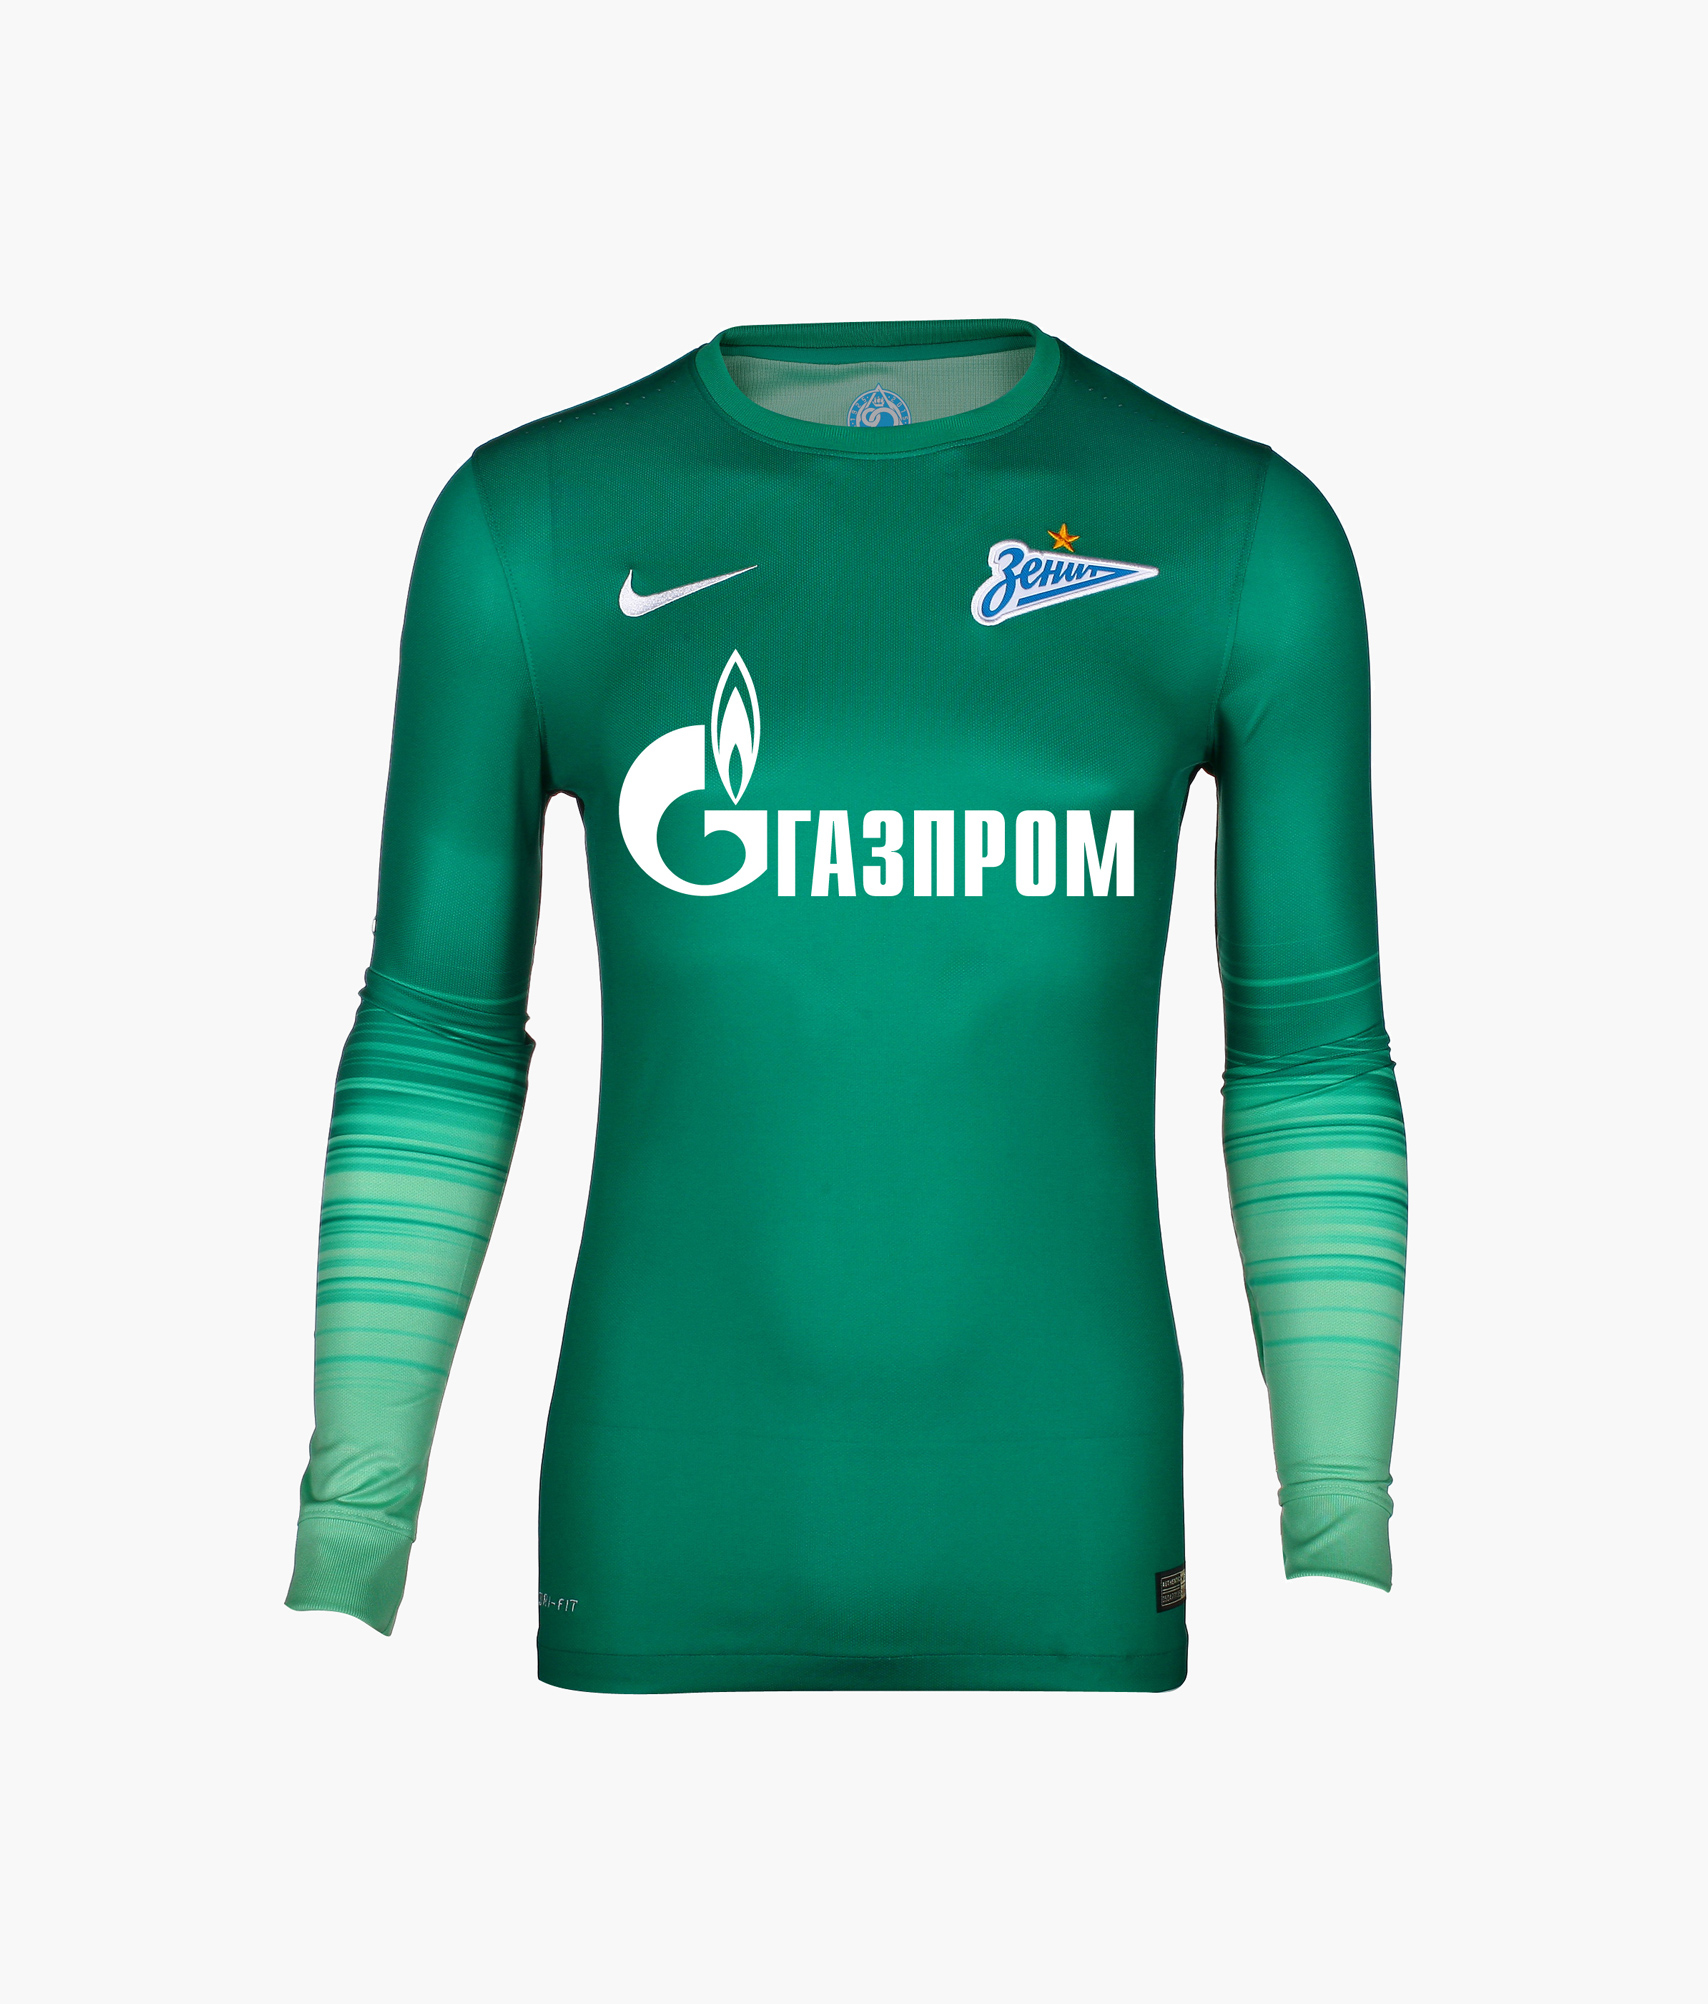 Оригинальная вратарская футболка Nike Nike Цвет-Зеленый футболка вратарская подростковая сезона 2018 2019 nike цвет желтый